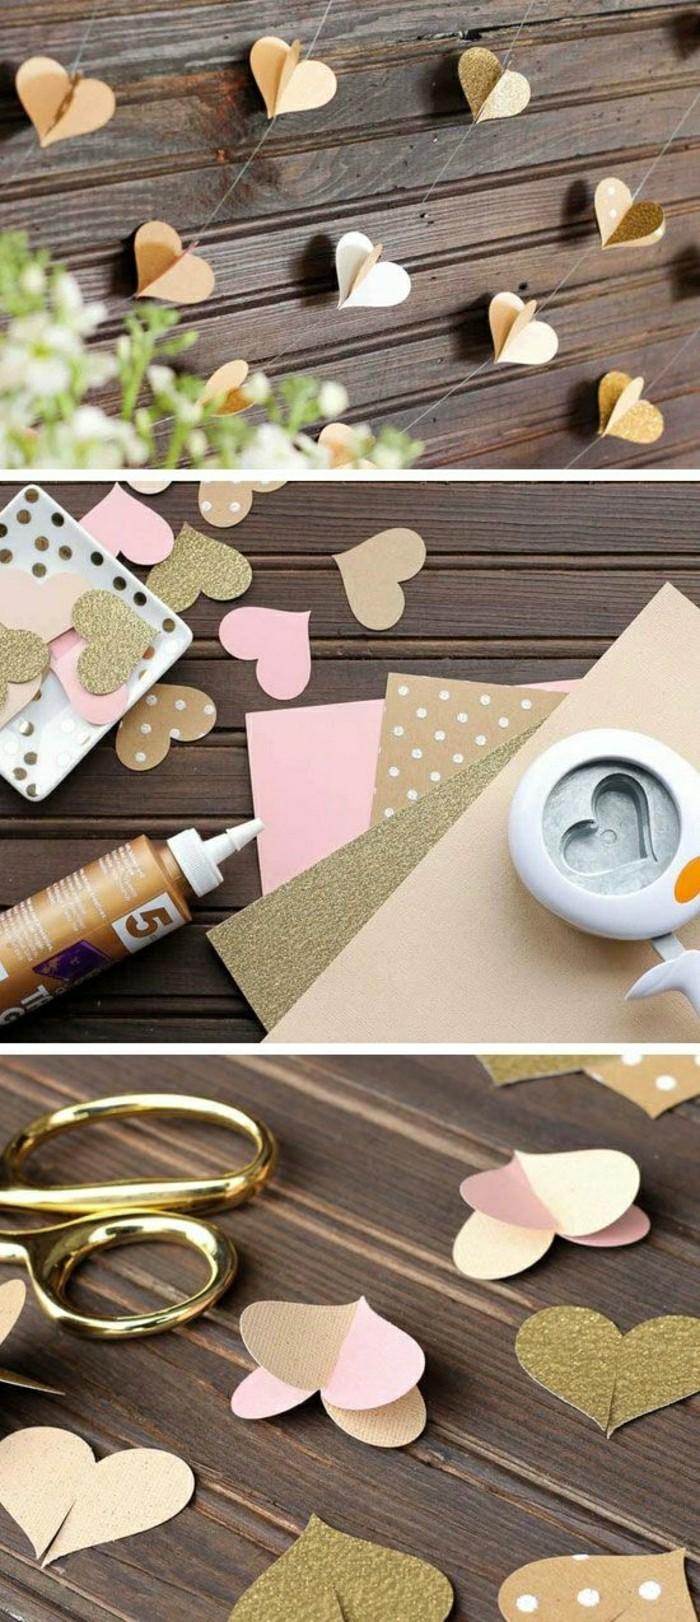 0-diy-deco-en-papier-bricolage-pour-un-mariageoriginal-thème-de-mariage-en-couleur-pastel